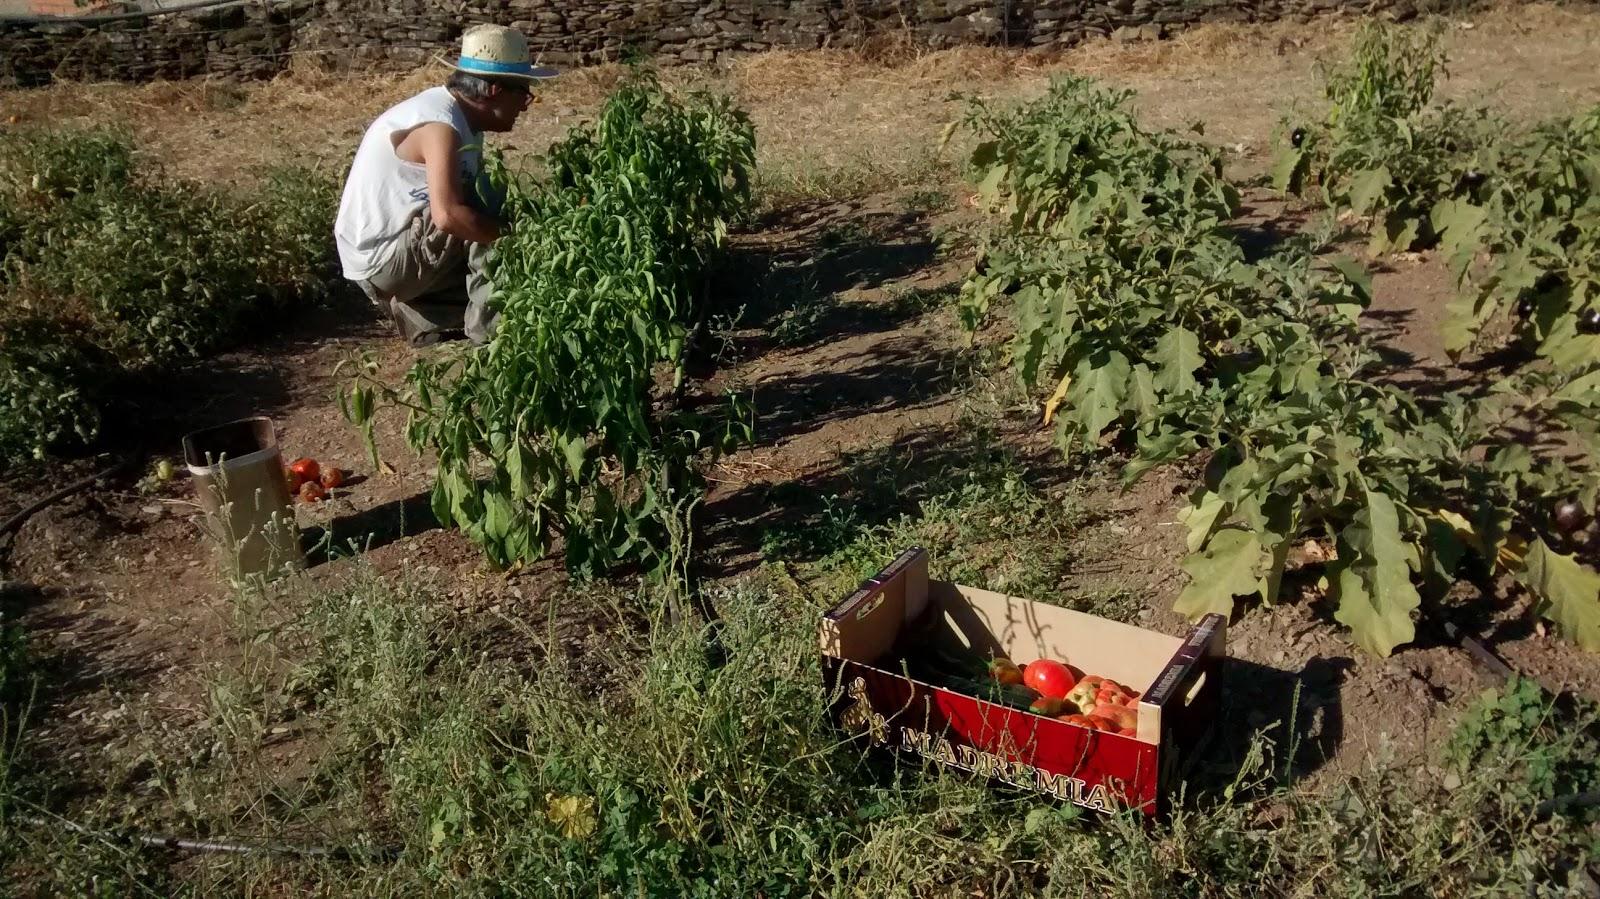 Una de las personas que participan en el proyecto, plantando en la huerta